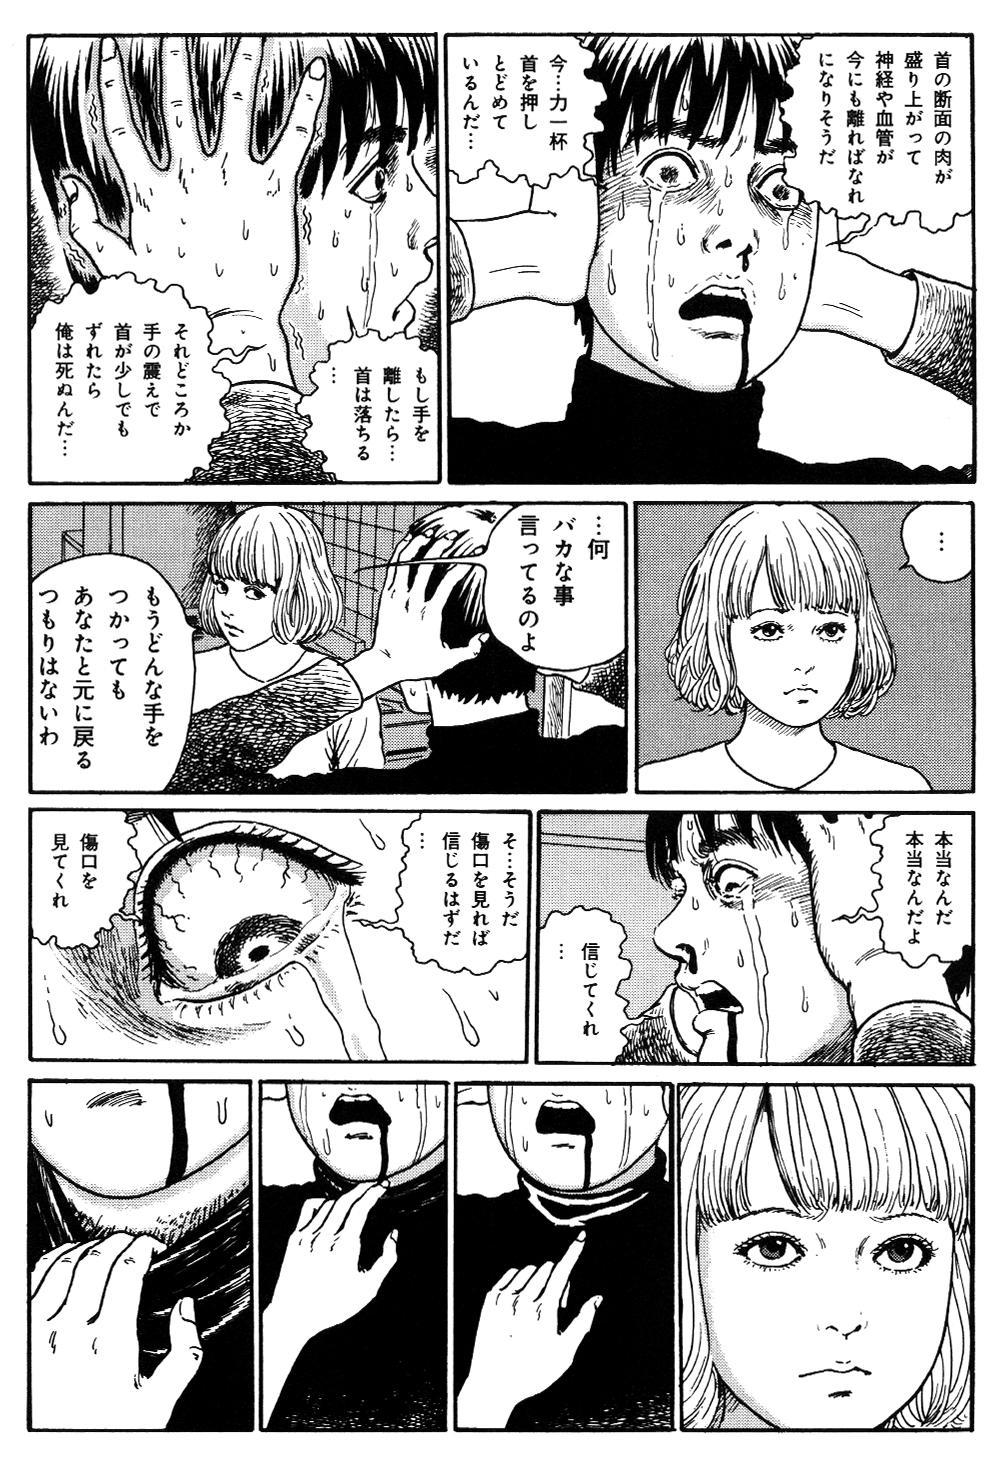 魔の断片 第3話「富夫・赤いハイネック」②jisen06-06.jpg